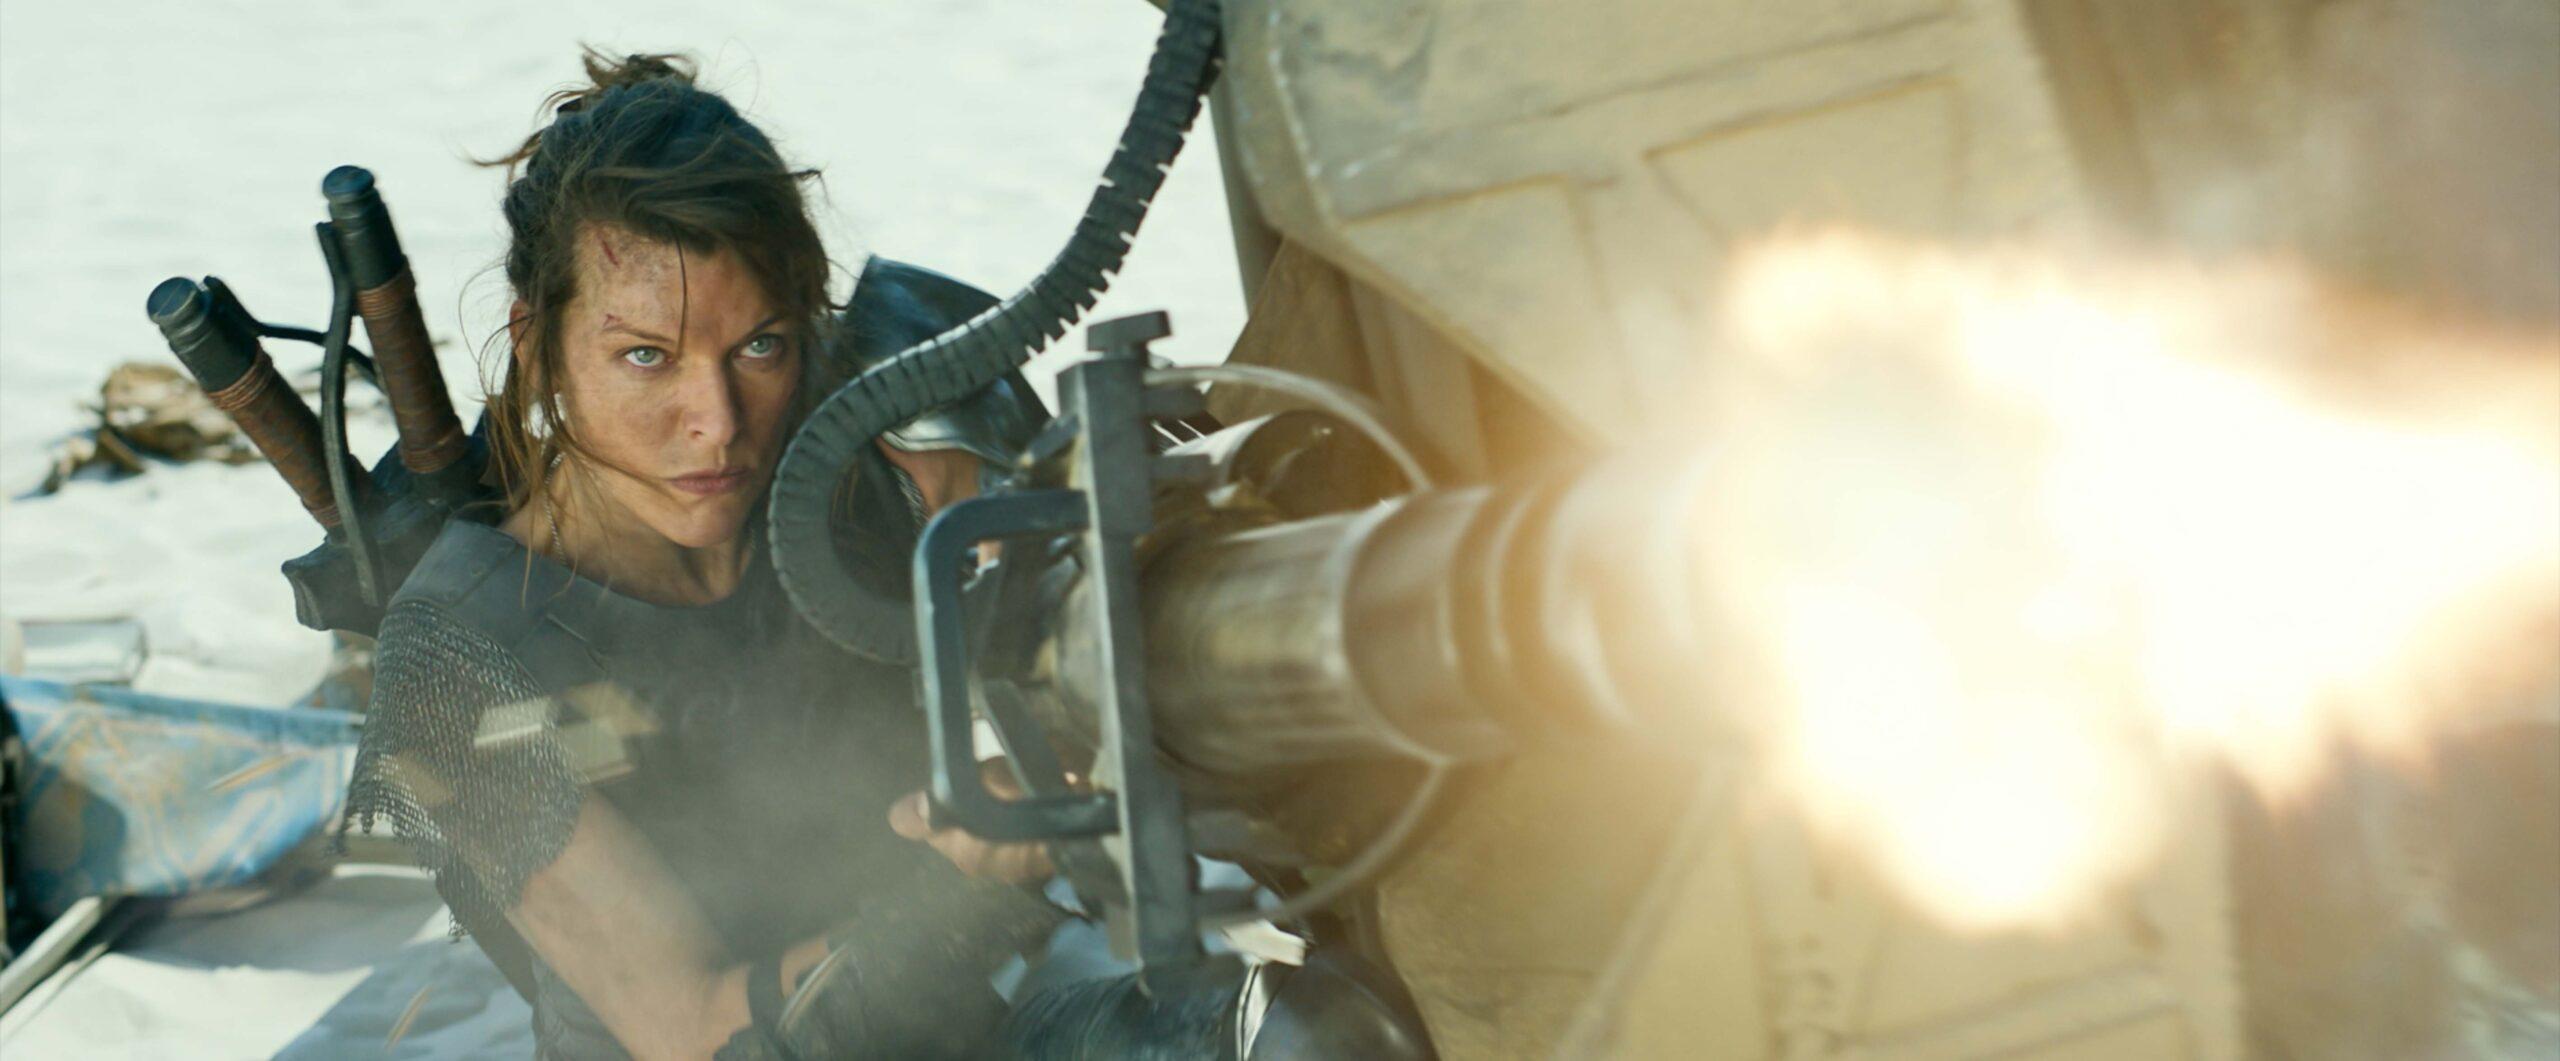 Monster Hunter. Crítica del live action con Milla Jovovich y Tony Jaa